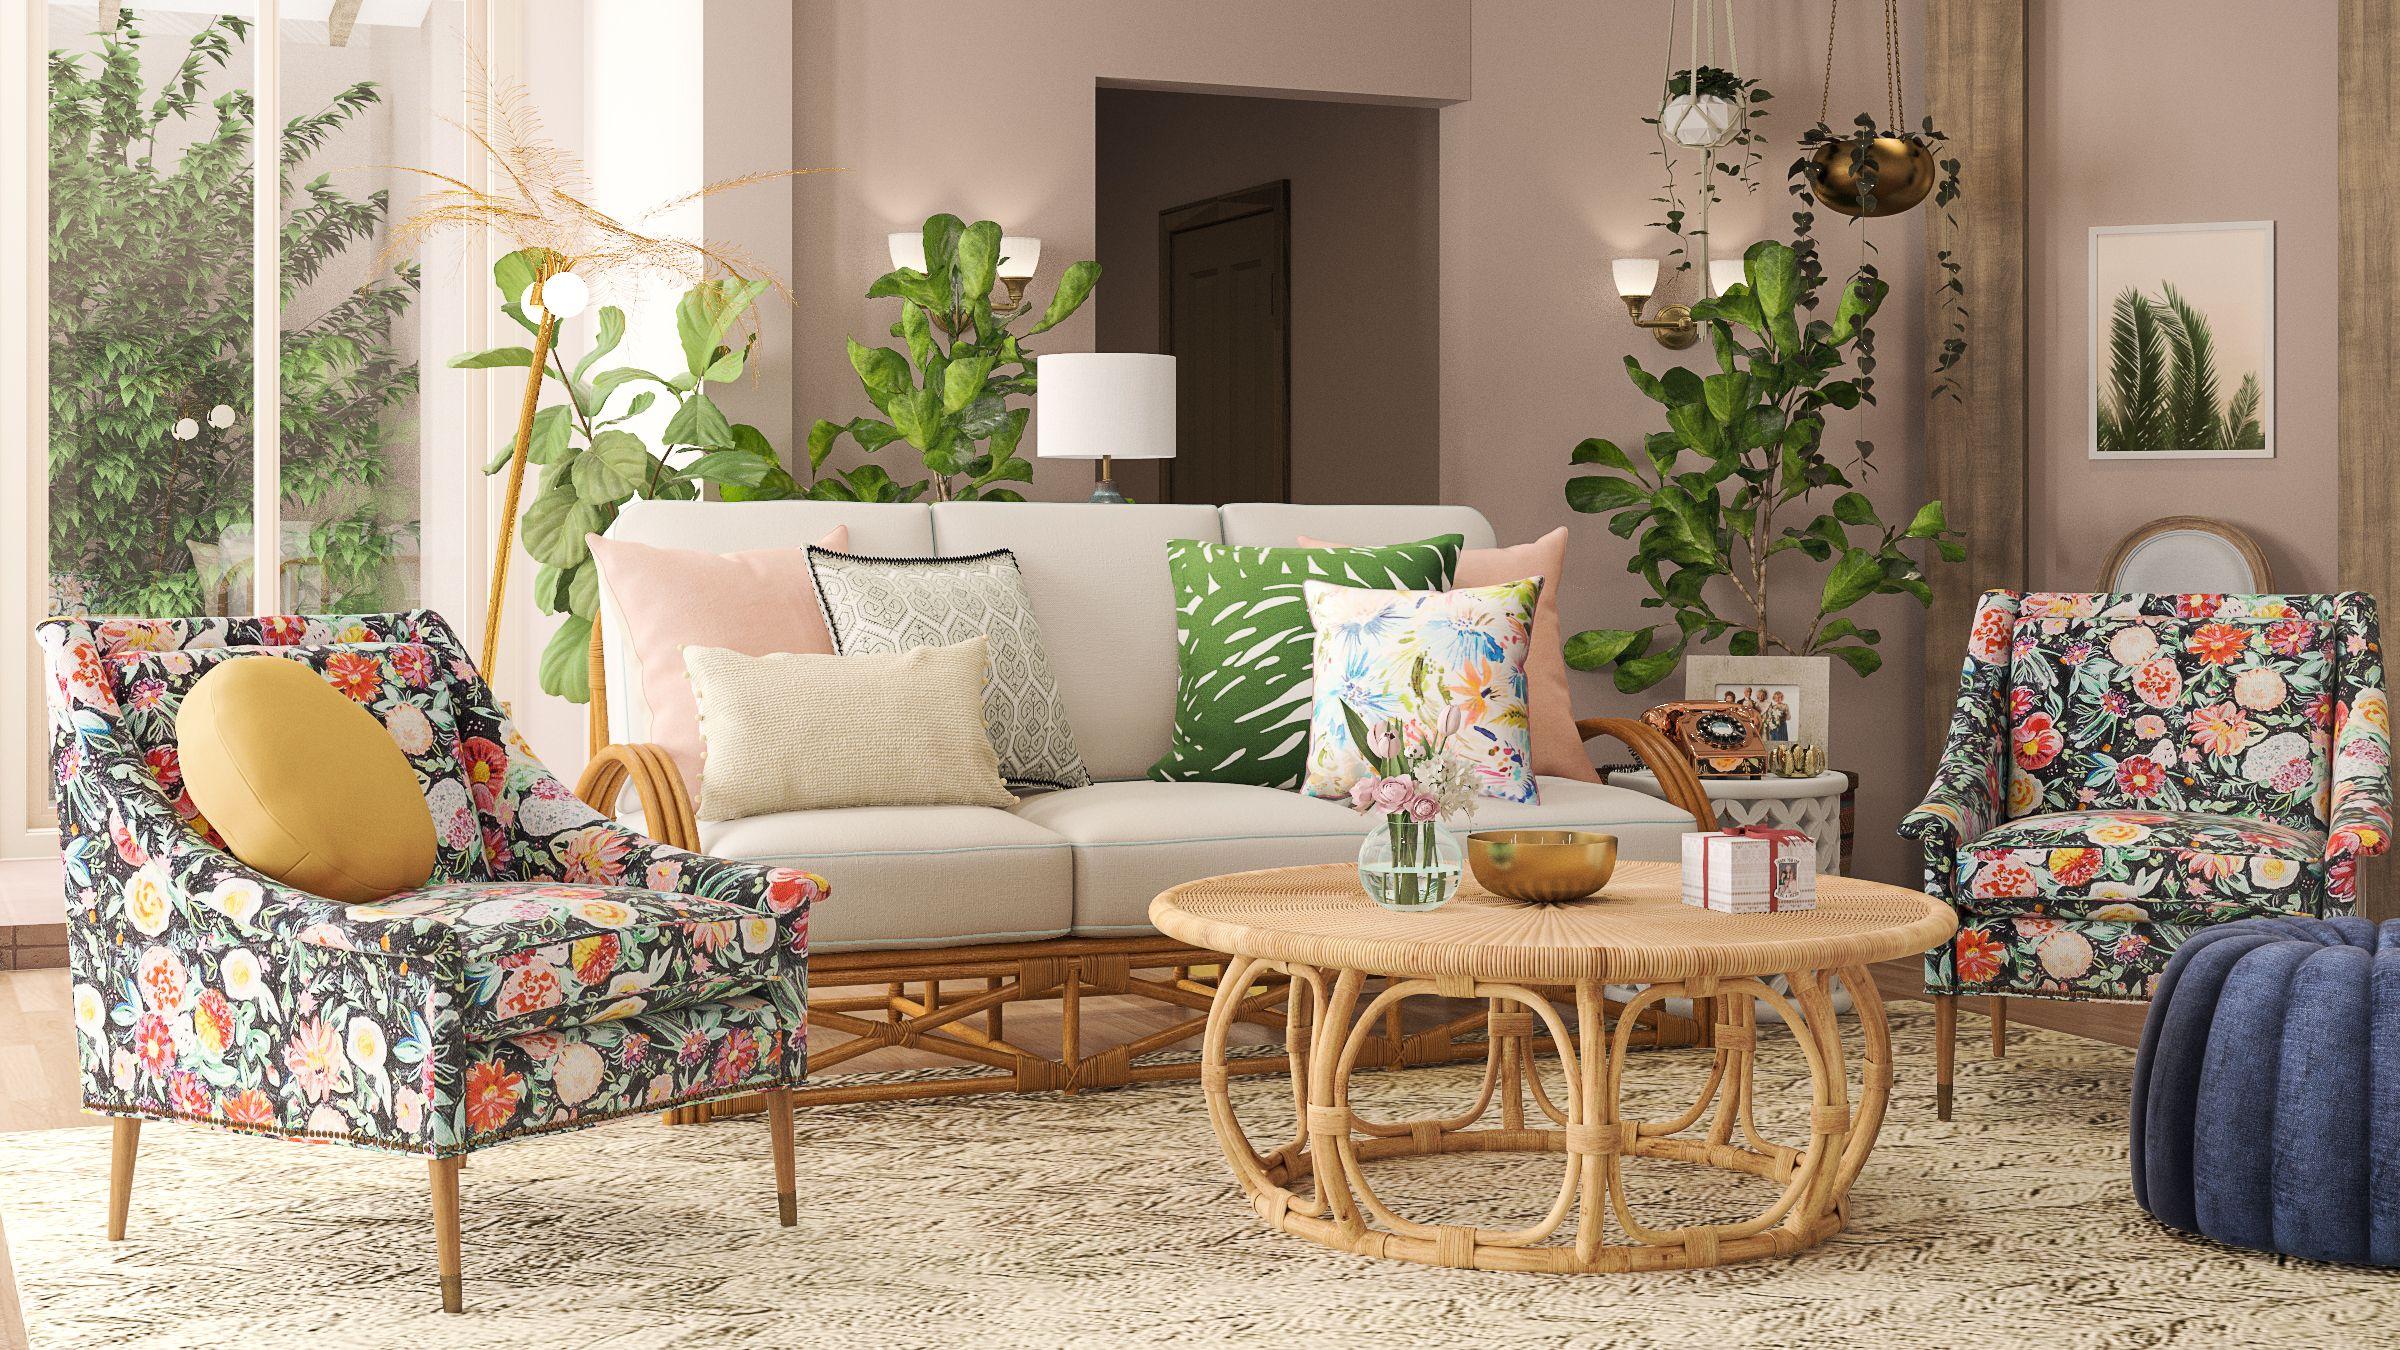 20+ Golden girls living room ideas in 2021